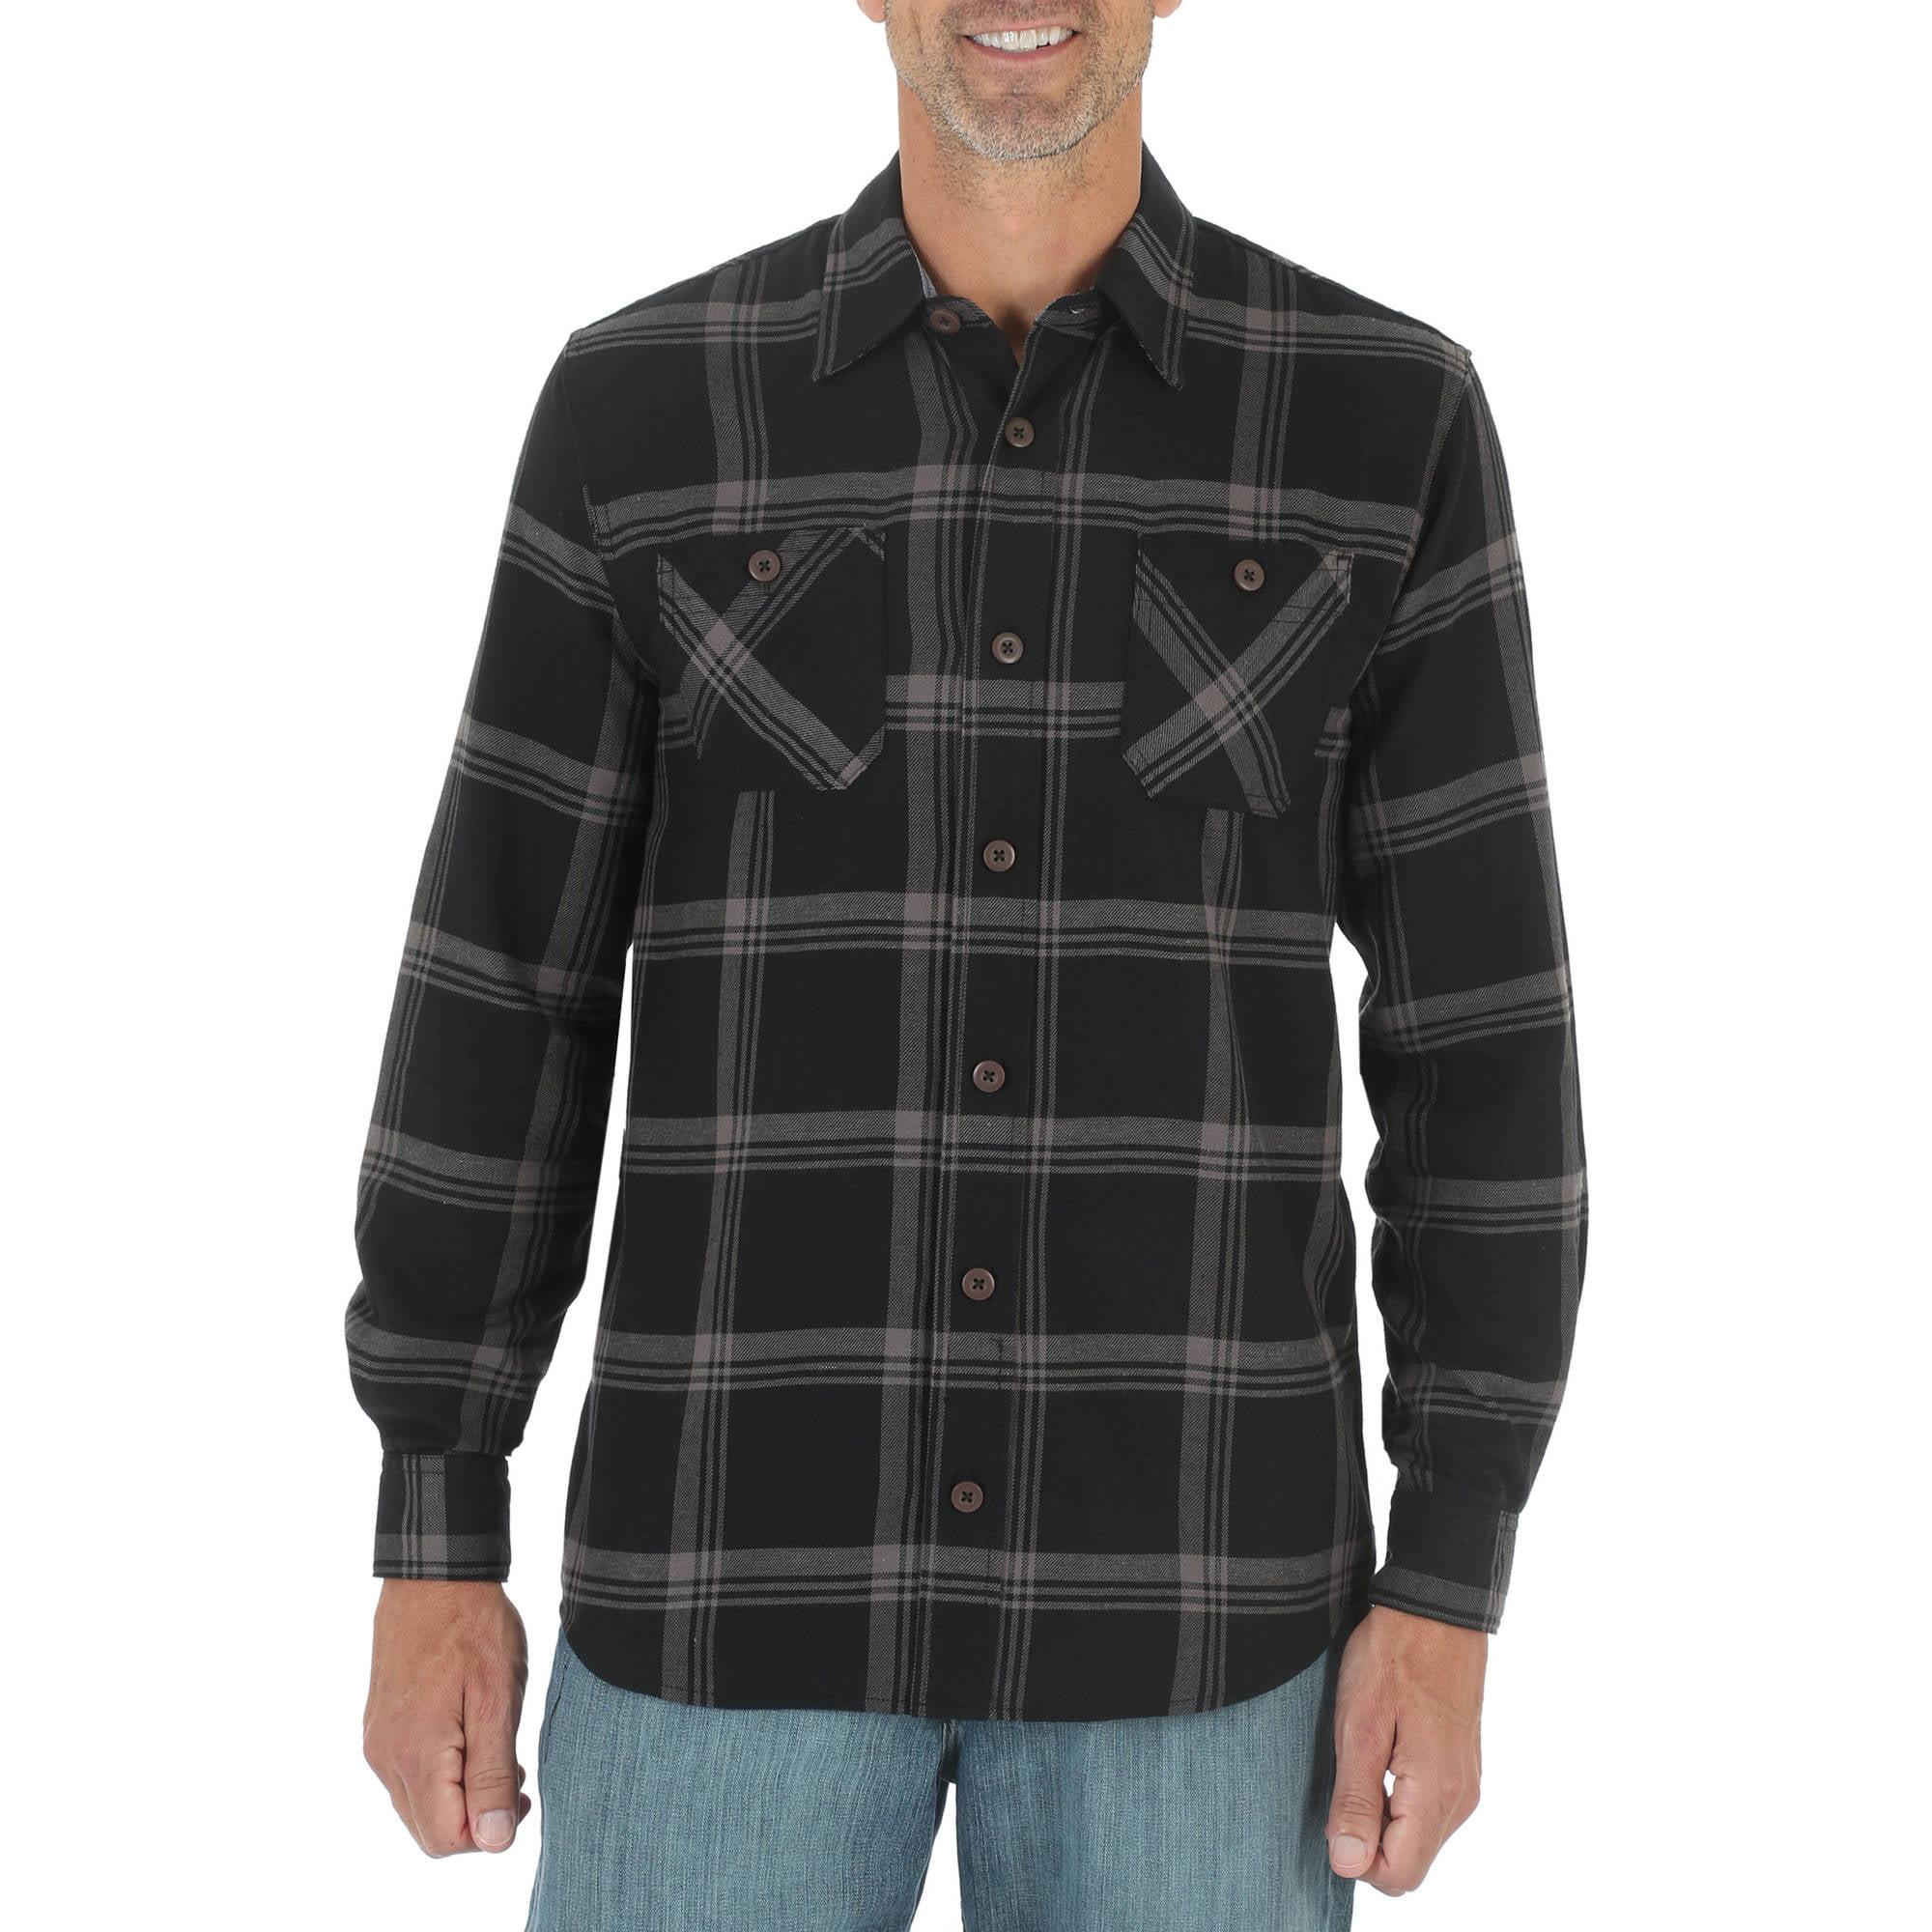 Wrangler Men's Long Sleeve Classic Flannel Shirt